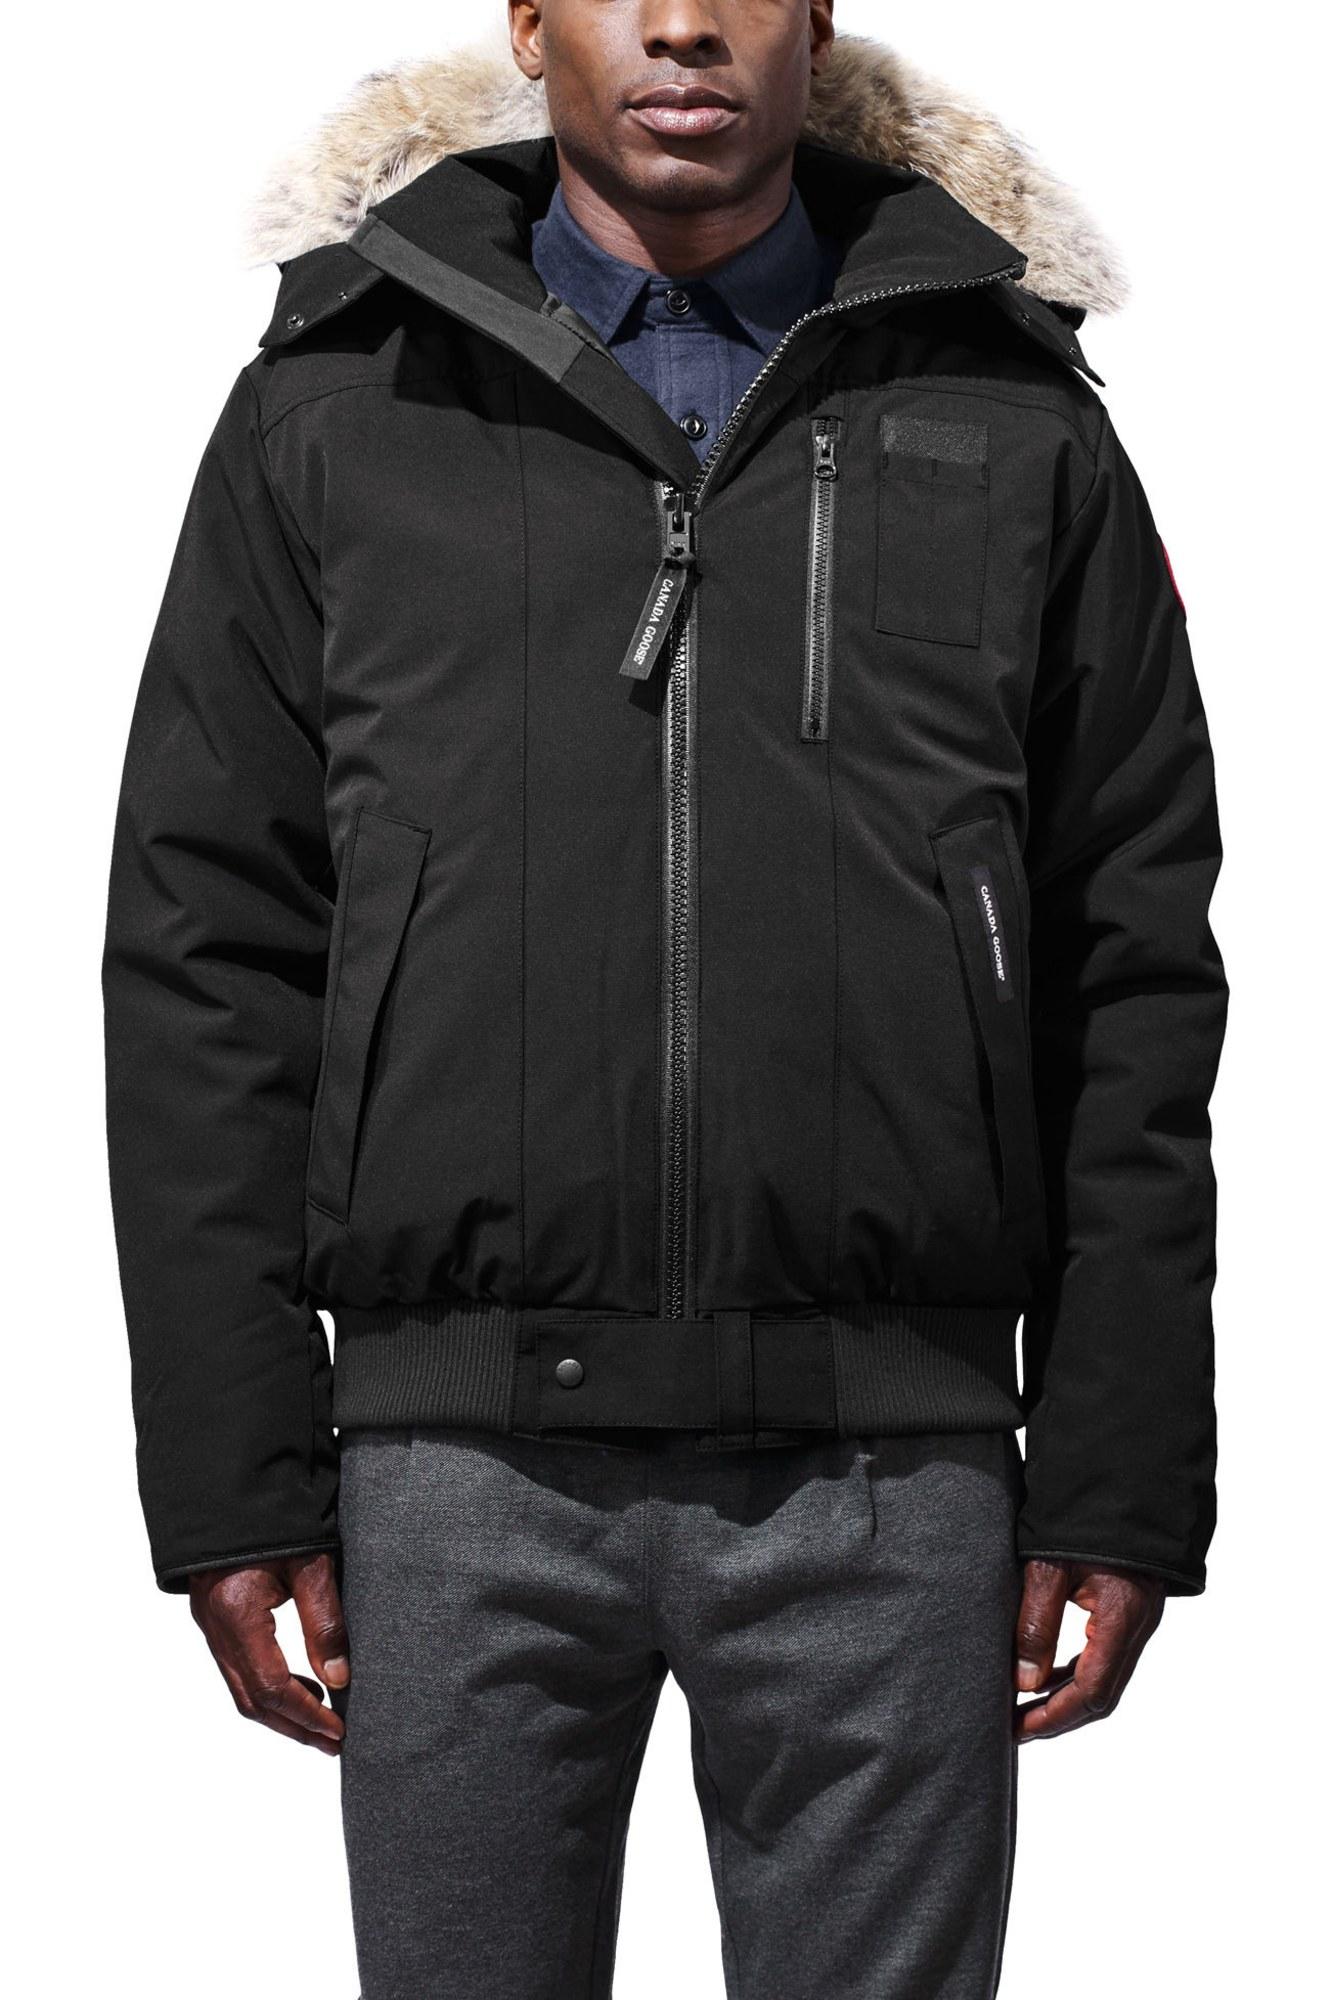 Borden Bomber | New Outwear | Canada goose, Canada goose